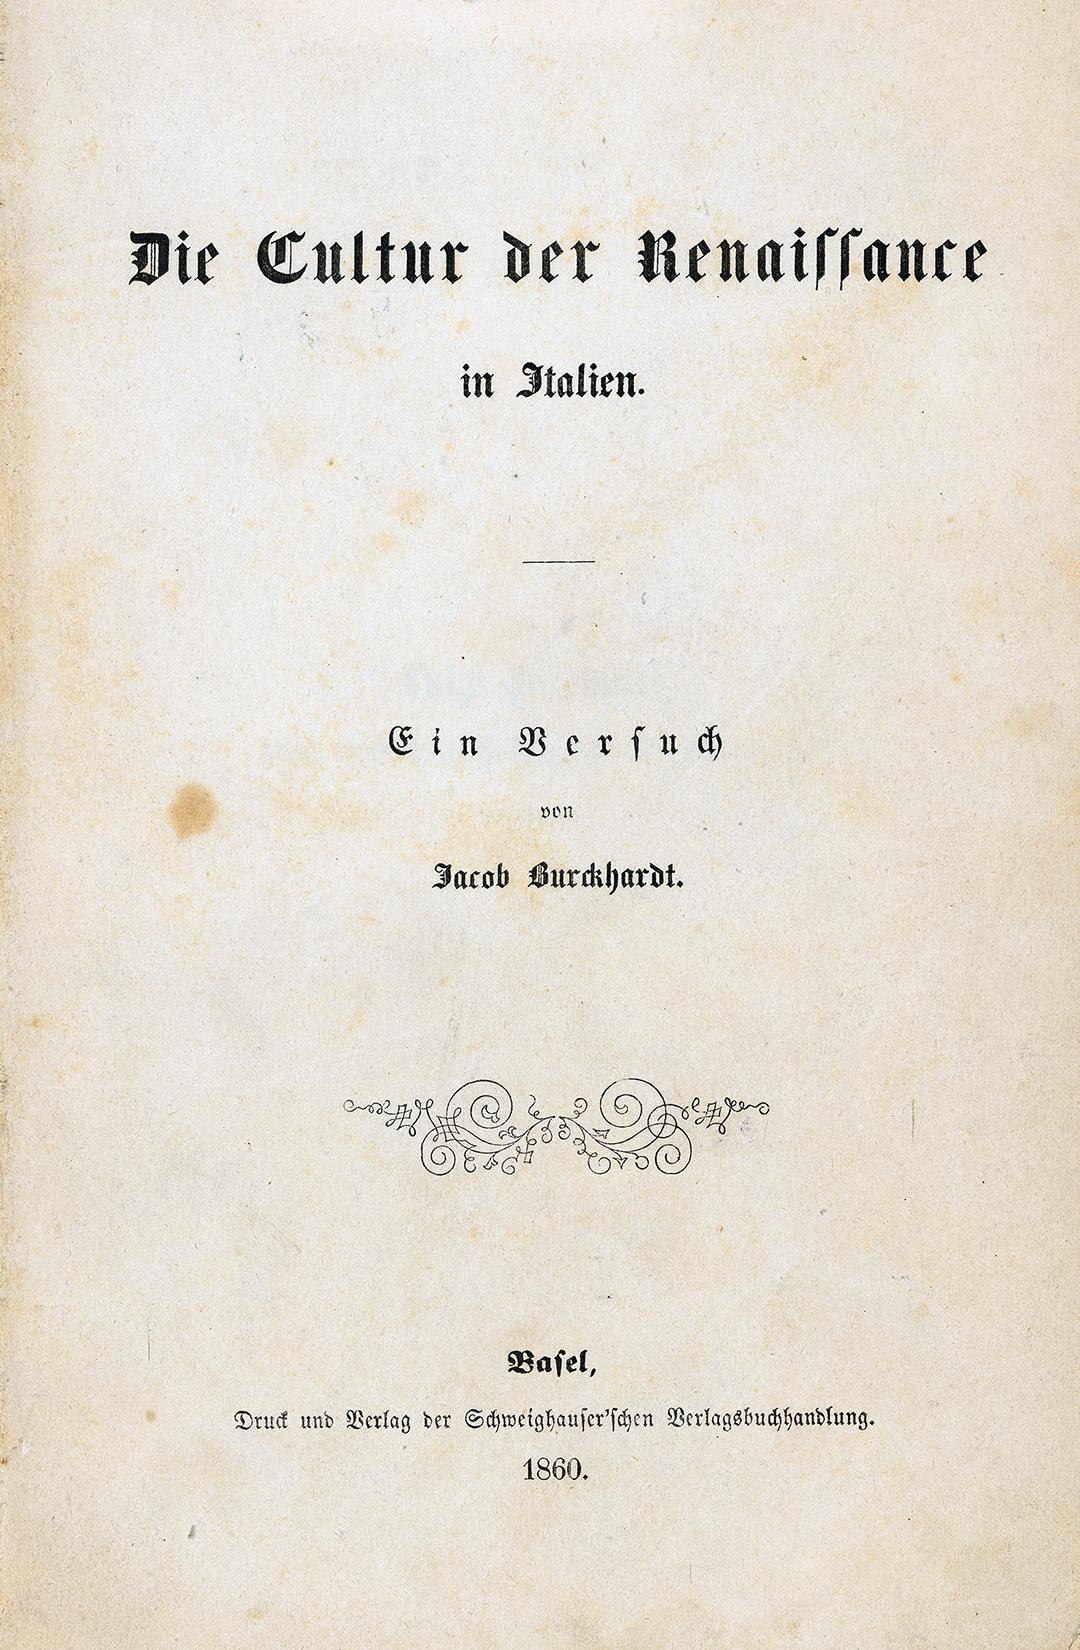 Jacob Burckhardt, La Civilisation de la Renaissance en Italie, Bâle, 1860